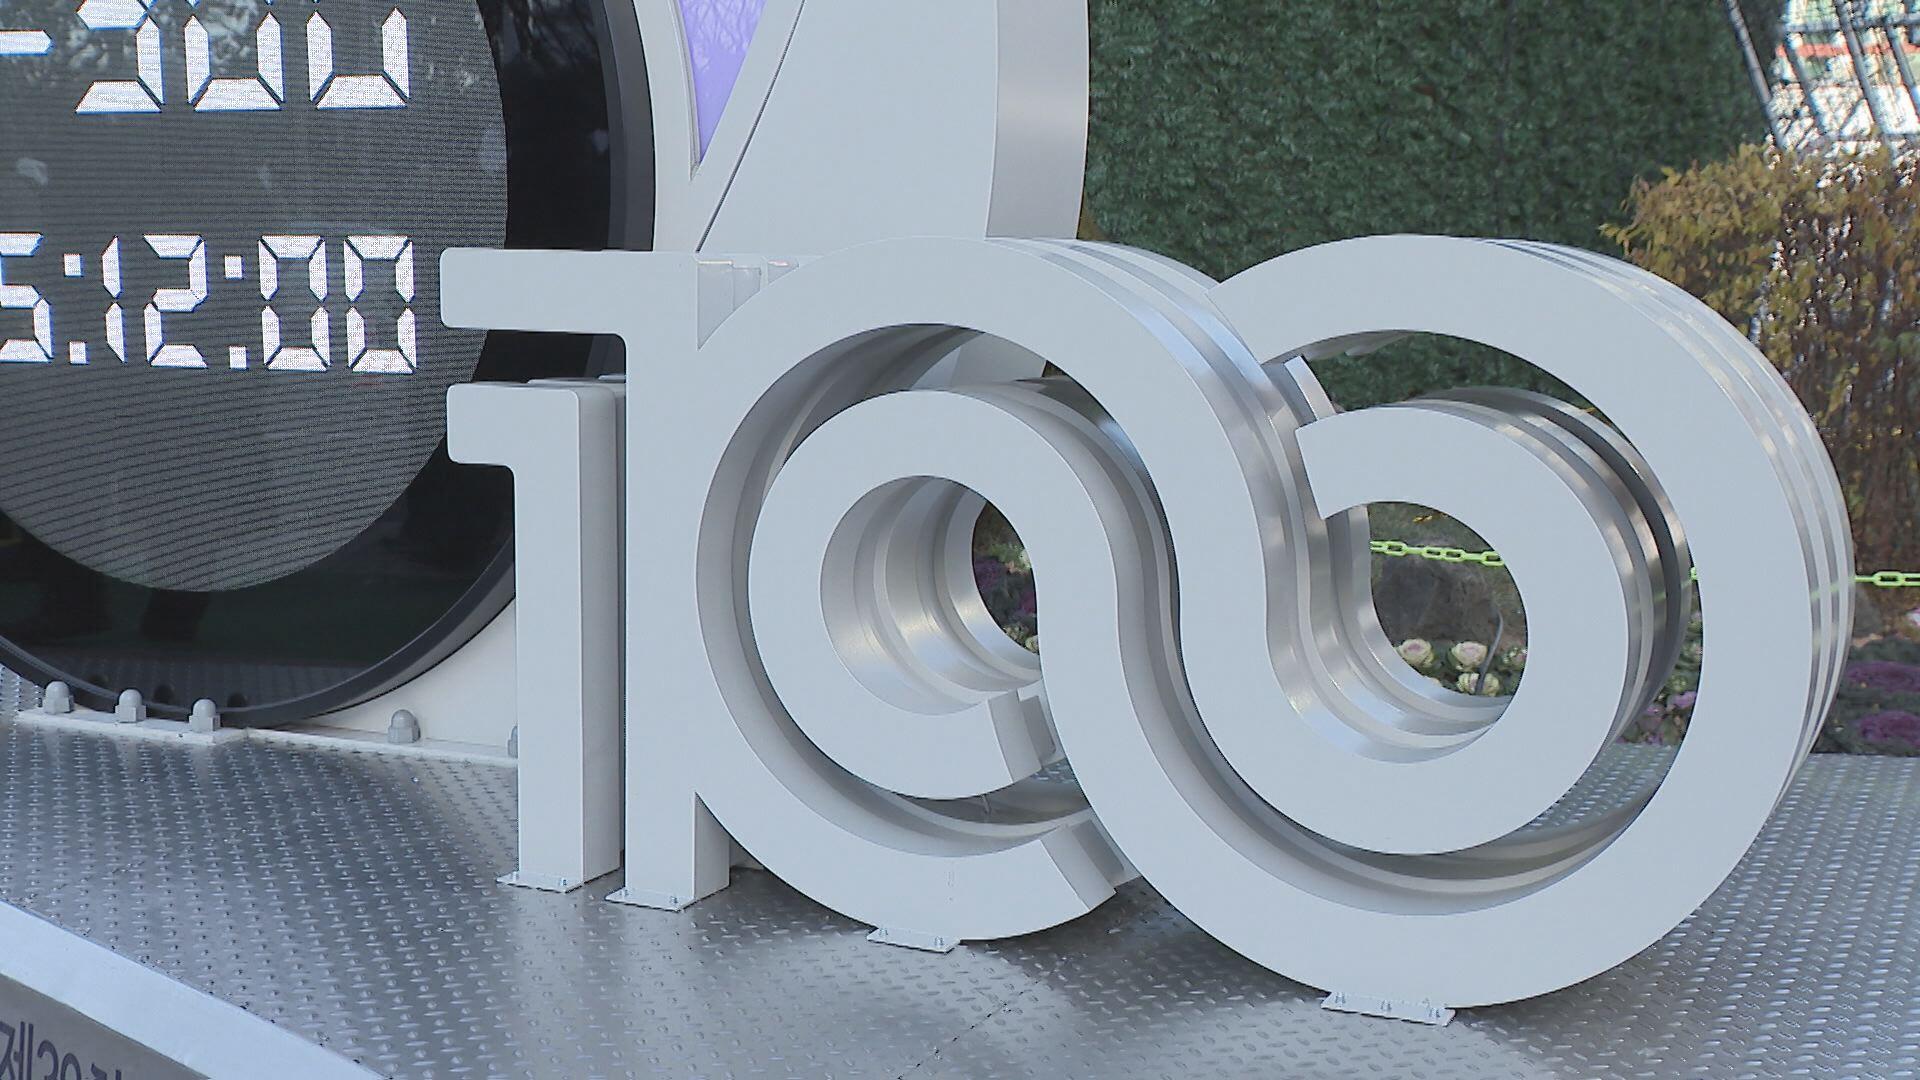 제100회 전국체전 카운트다운 시작…D-300 시계탑 공개